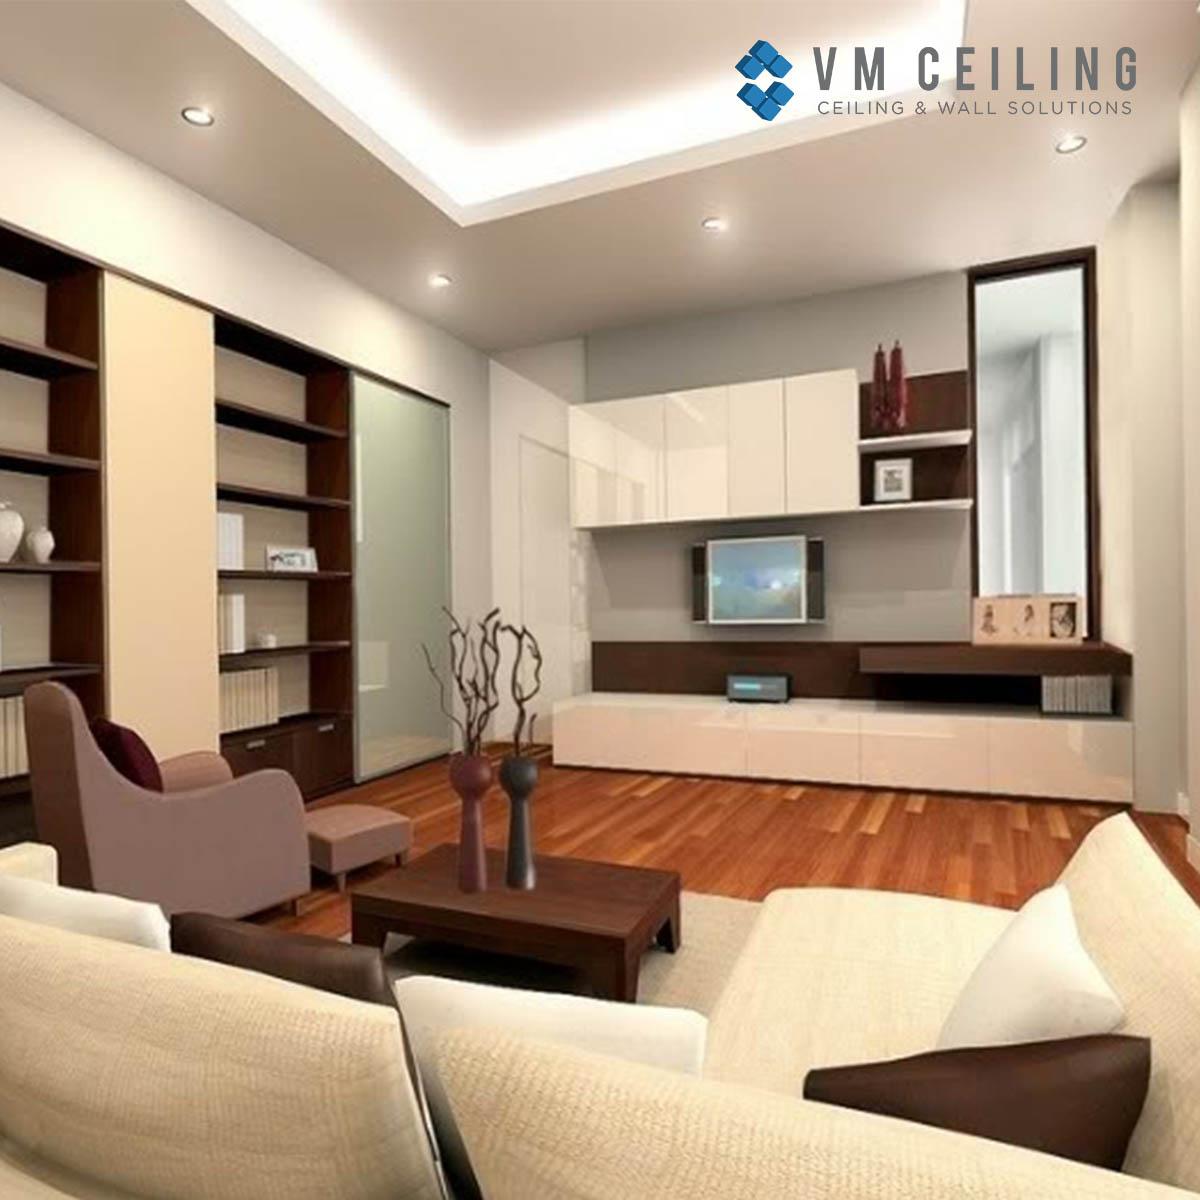 false-ceiling-cove-light-bedroom-vm-ceiling-singapore-1a